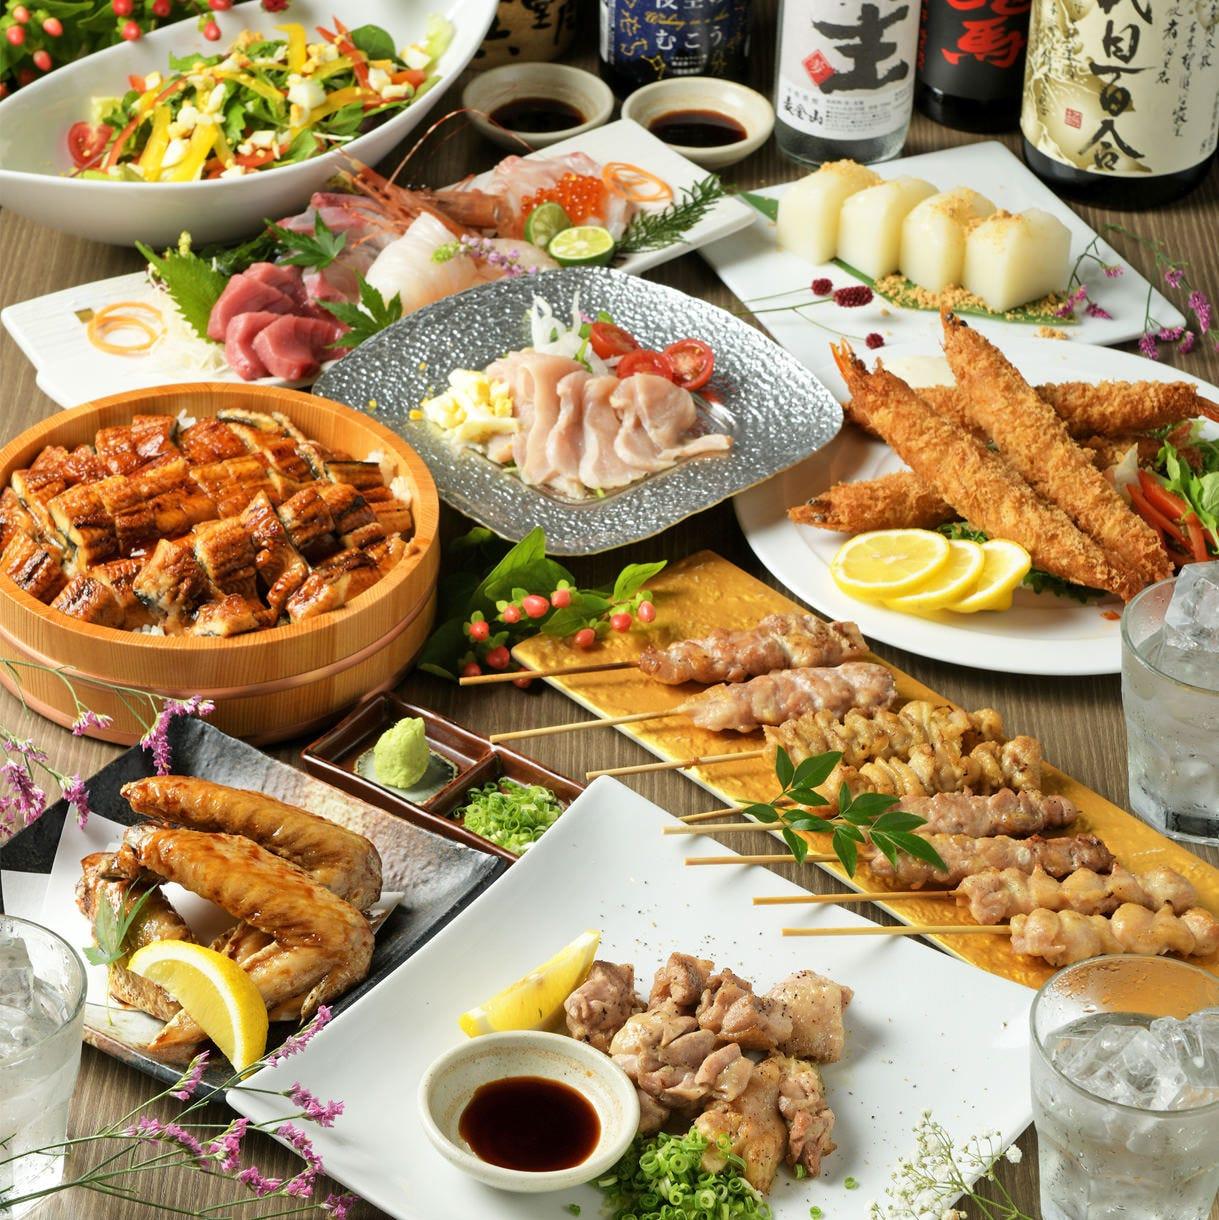 おすすめは様々な味を楽しめる手こねつくね串★違う味に冒険も◎